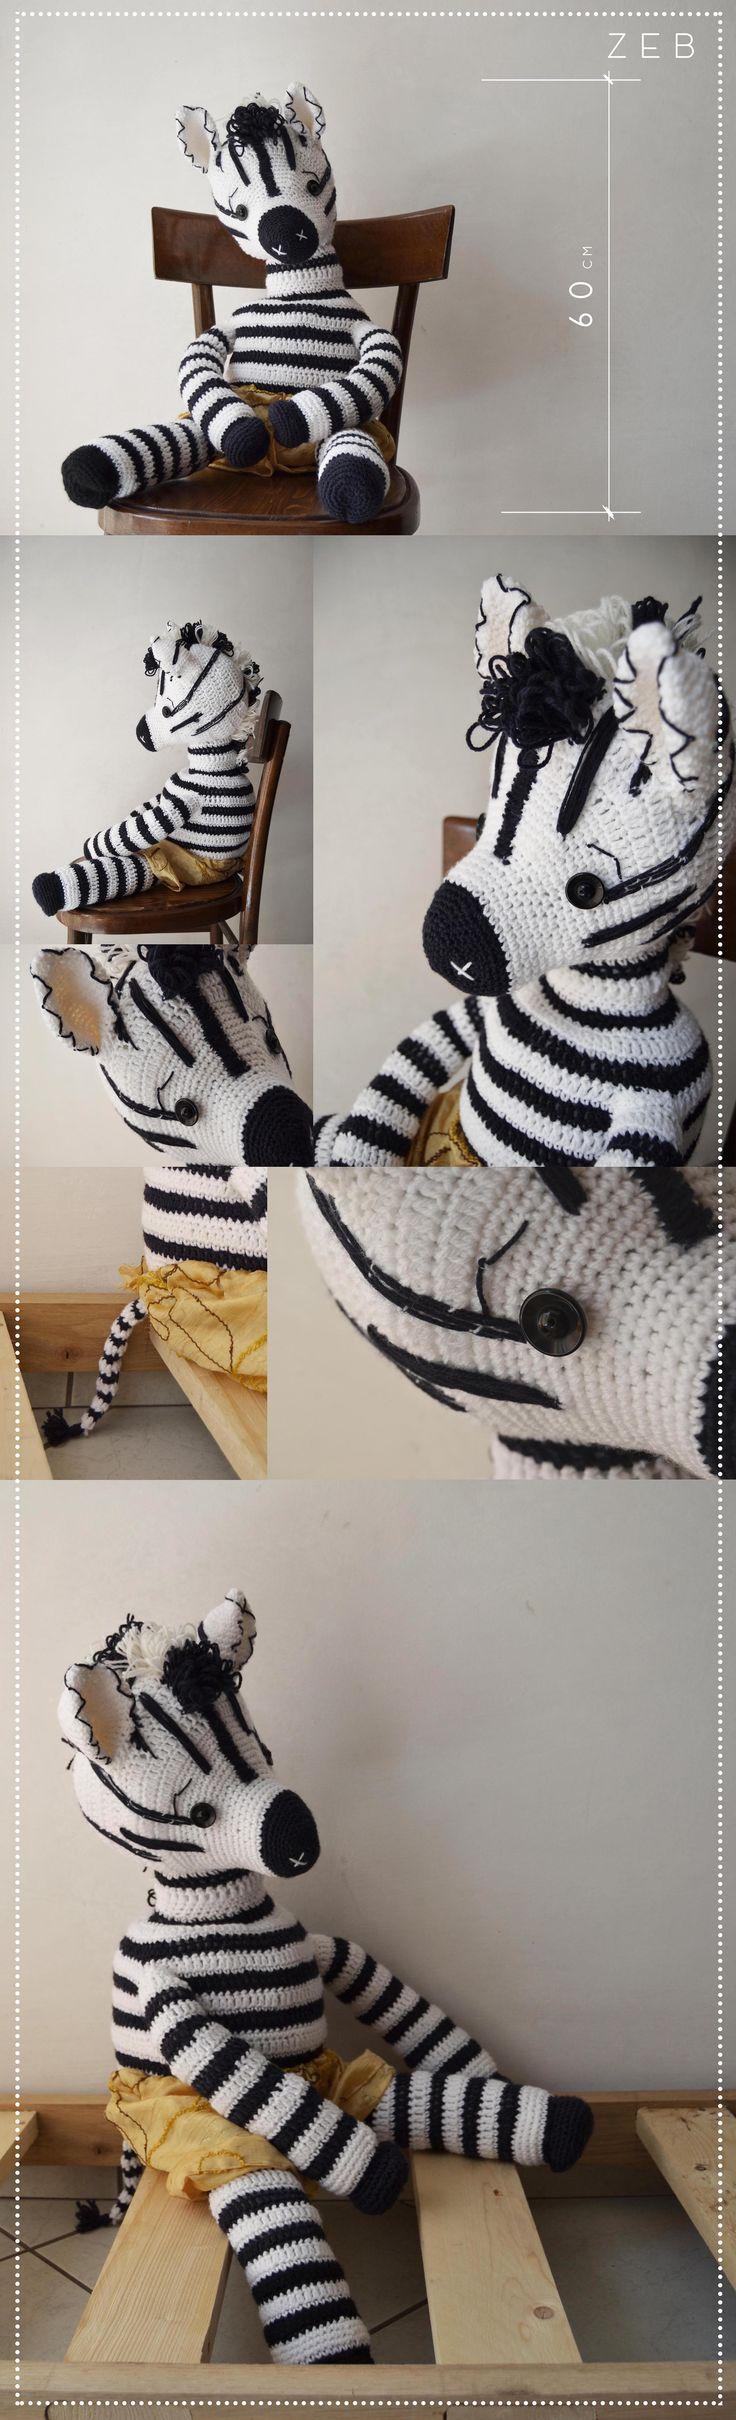 ZEB- realizzato all'uncinetto completamente in lana acrilica, riempimento in bambagia. #zebra #zeb #amigurumi #wool #doll #madewithcare #handmade #crochet